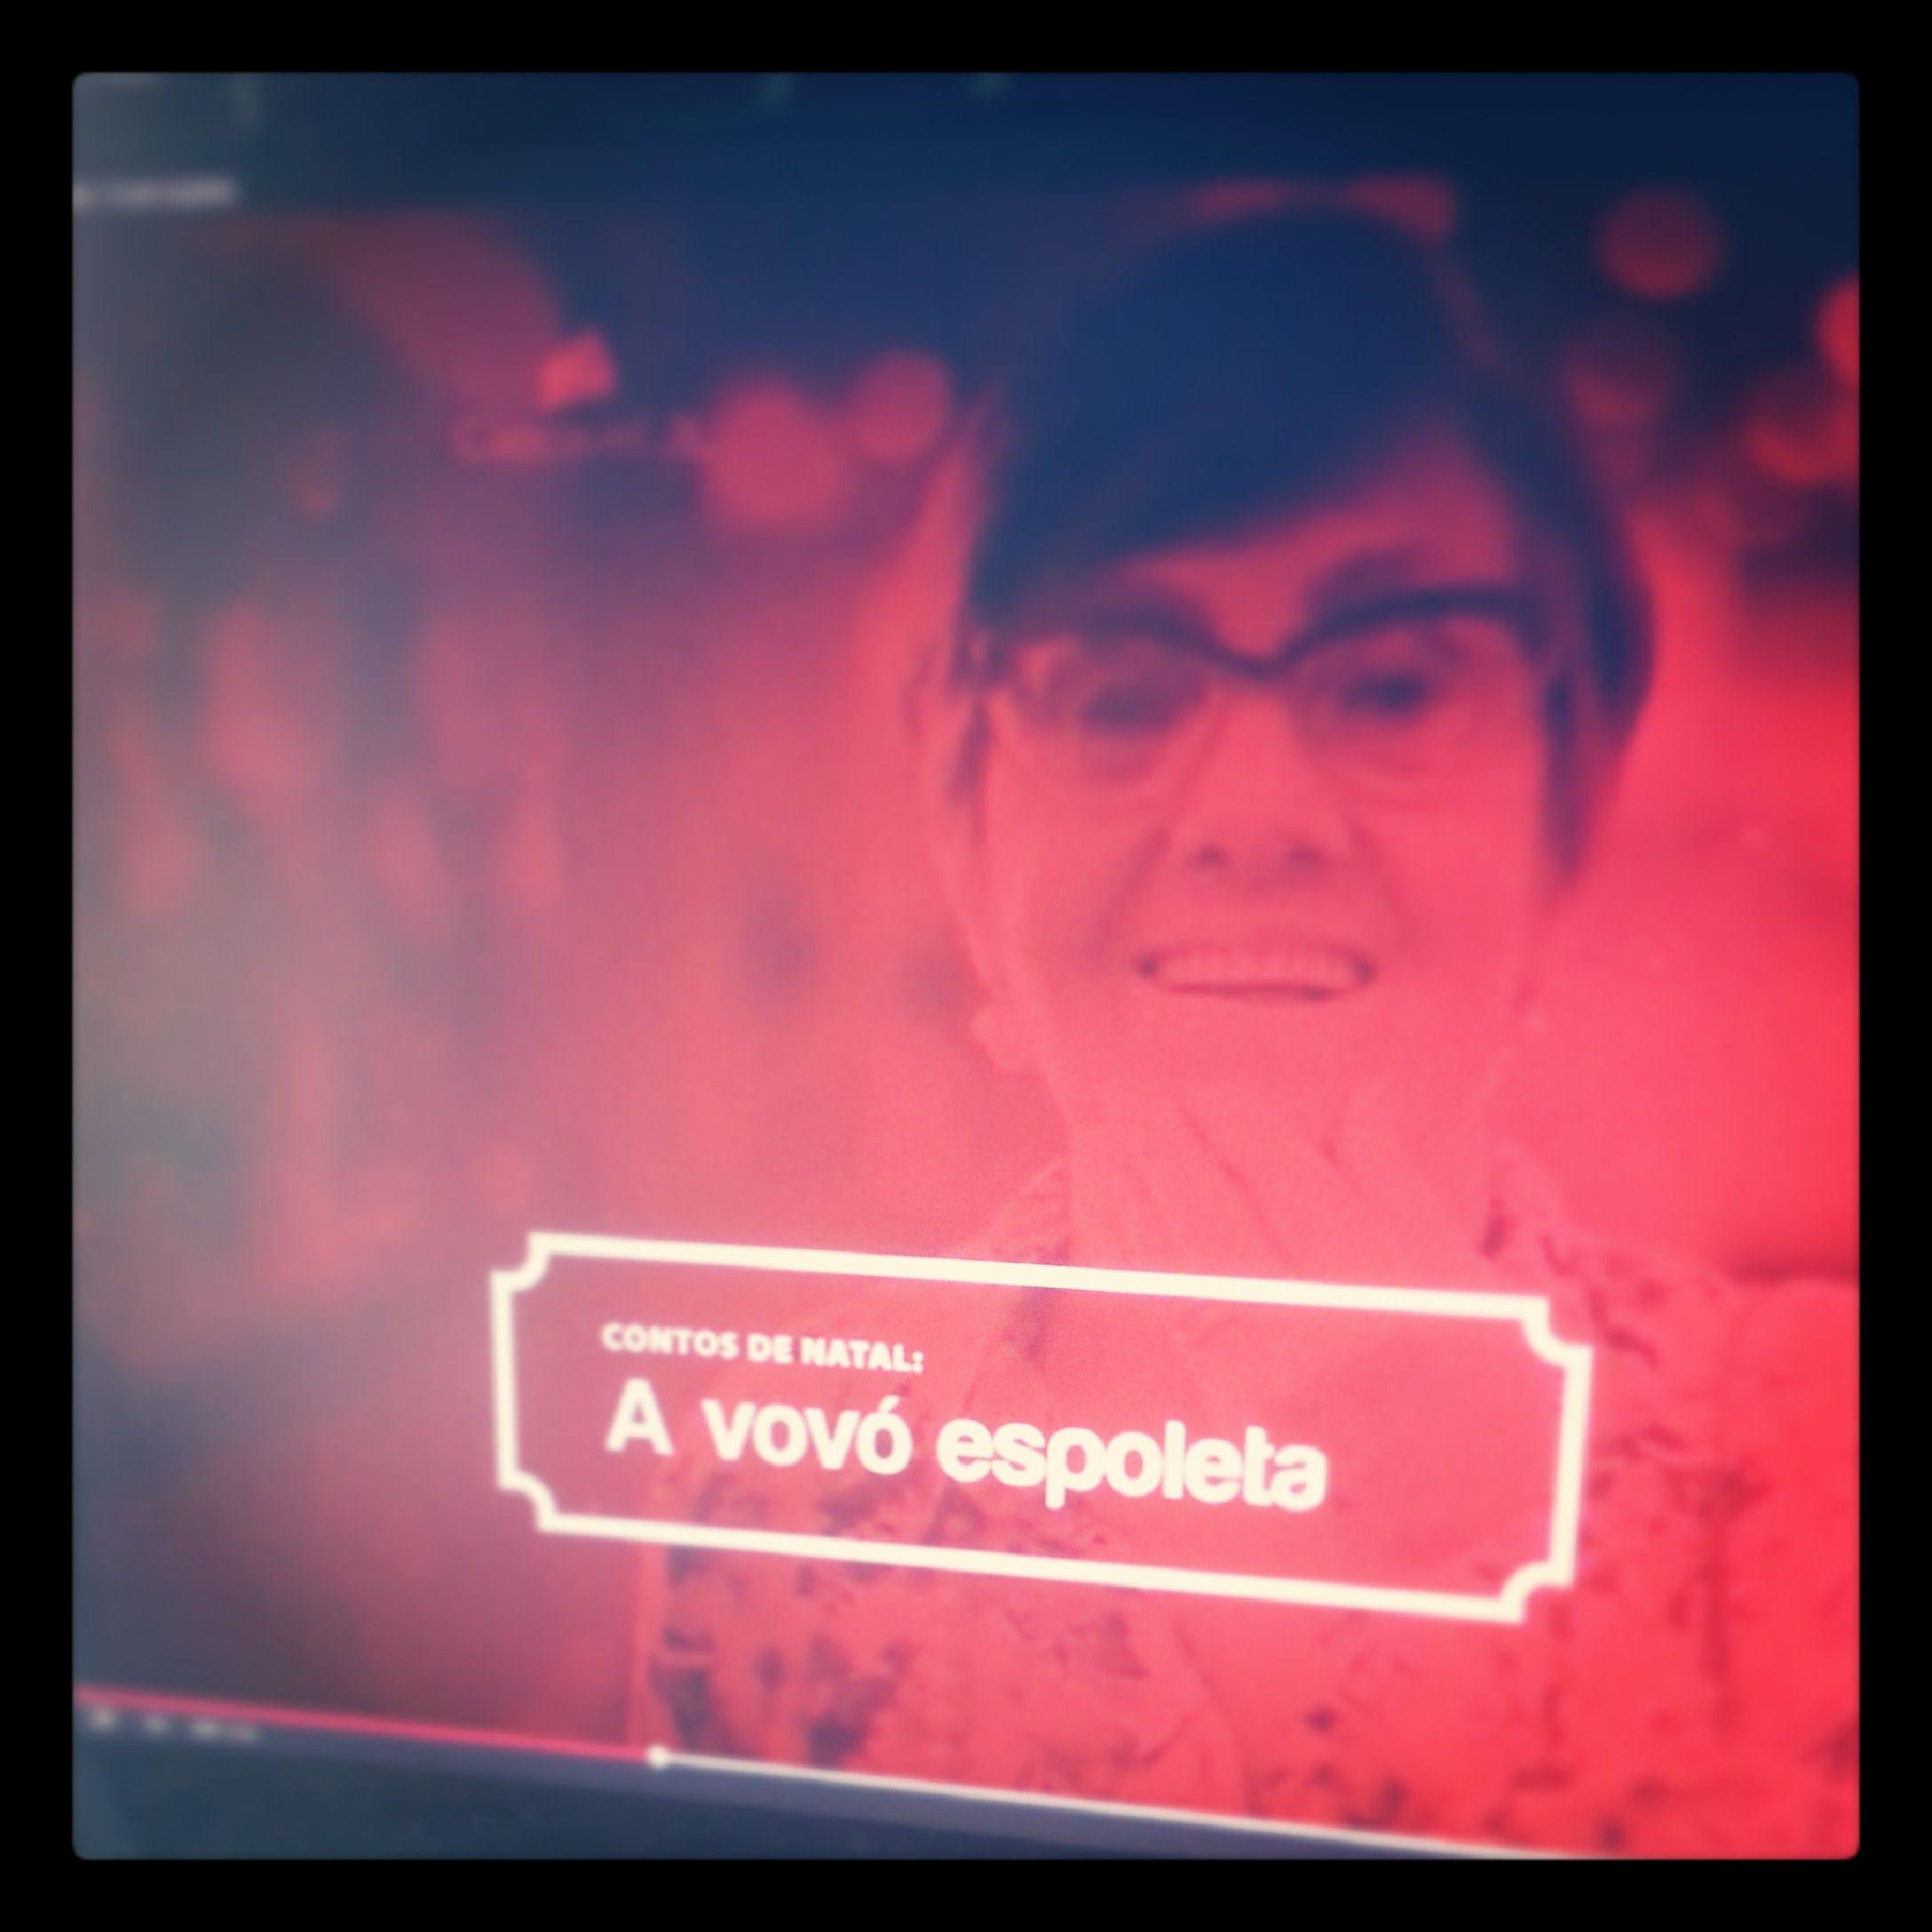 Roteiro, direção e finalização do VT da campanha de Natal 2013 do Cascavel JL Shopping.  https://www.youtube.com/watch?v=MgXt3AvICtY